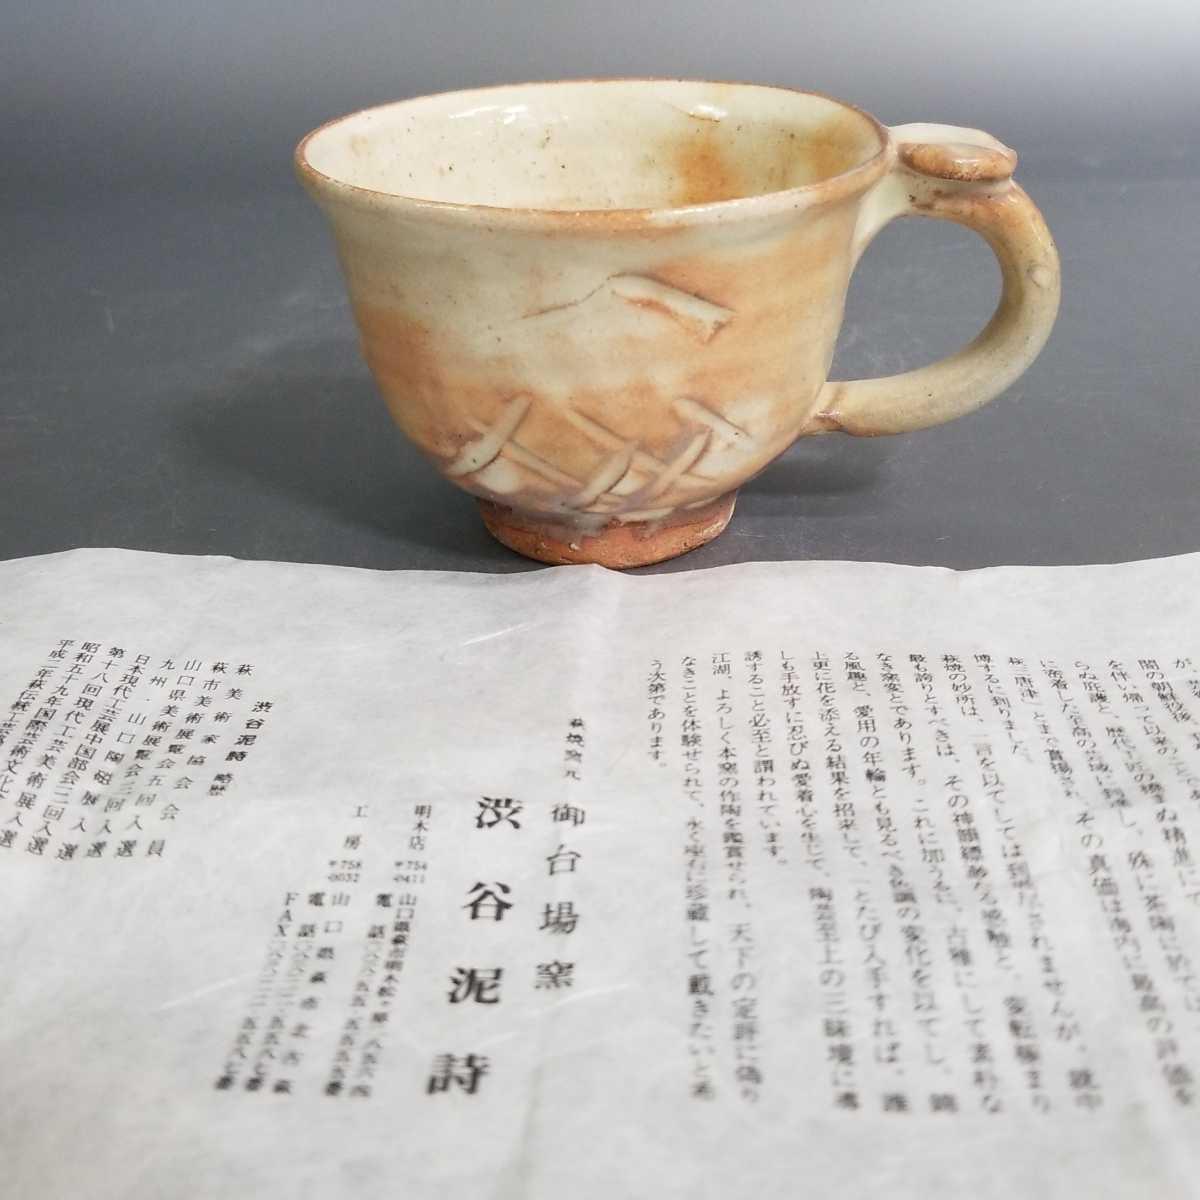 尚50)萩焼 渋谷泥詩 見島コーヒーカップ マグカップ 珈琲器 茶器 未使用新品 同梱歓迎_画像9